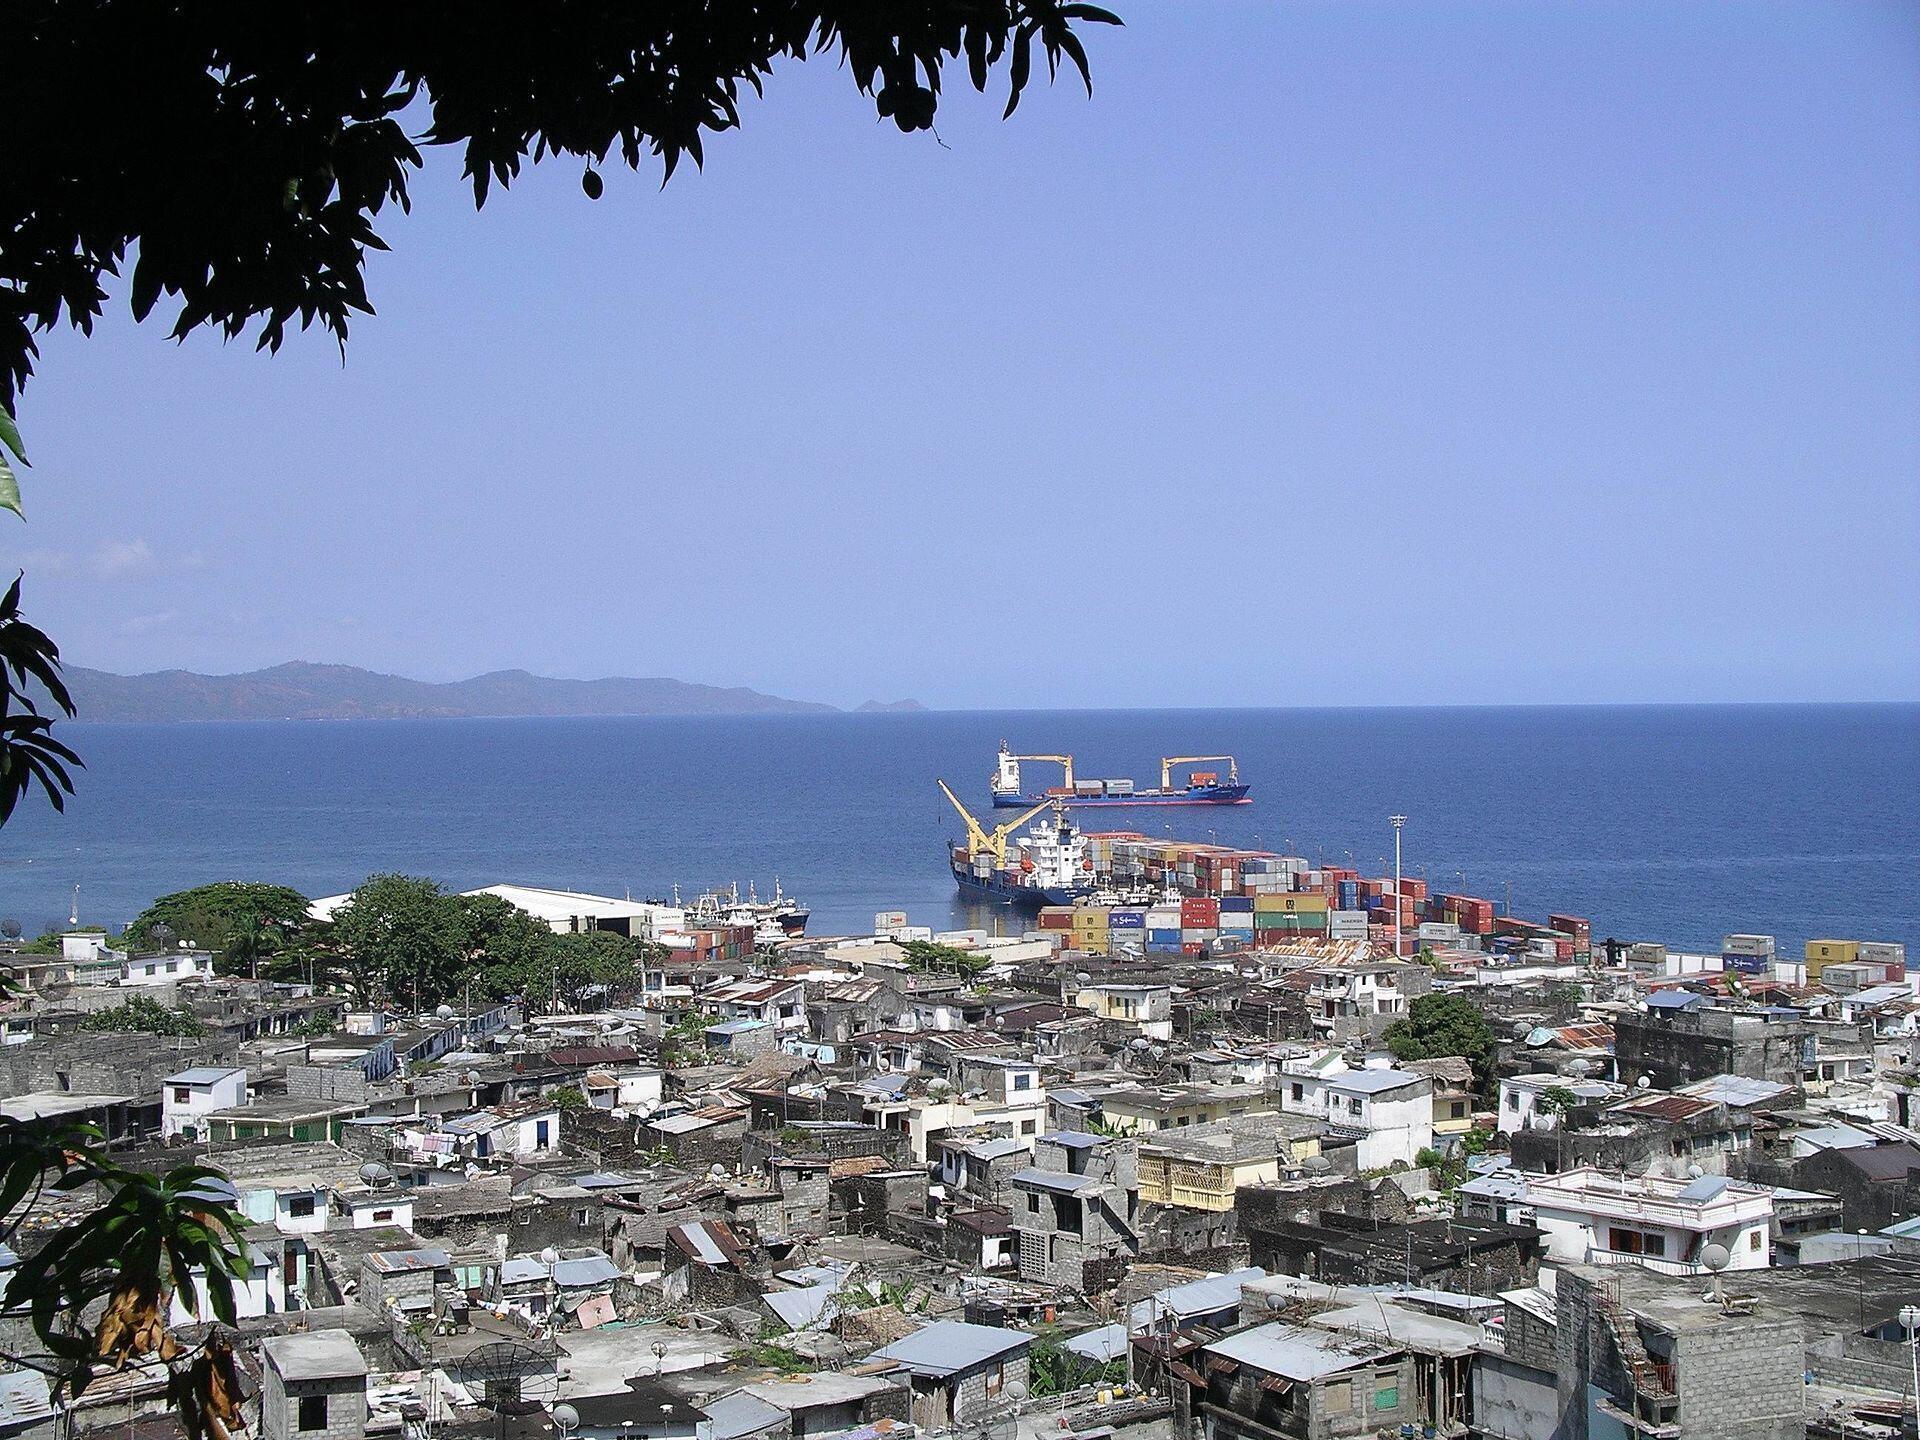 Vue aérienne de la ville de Moutsamoudou.